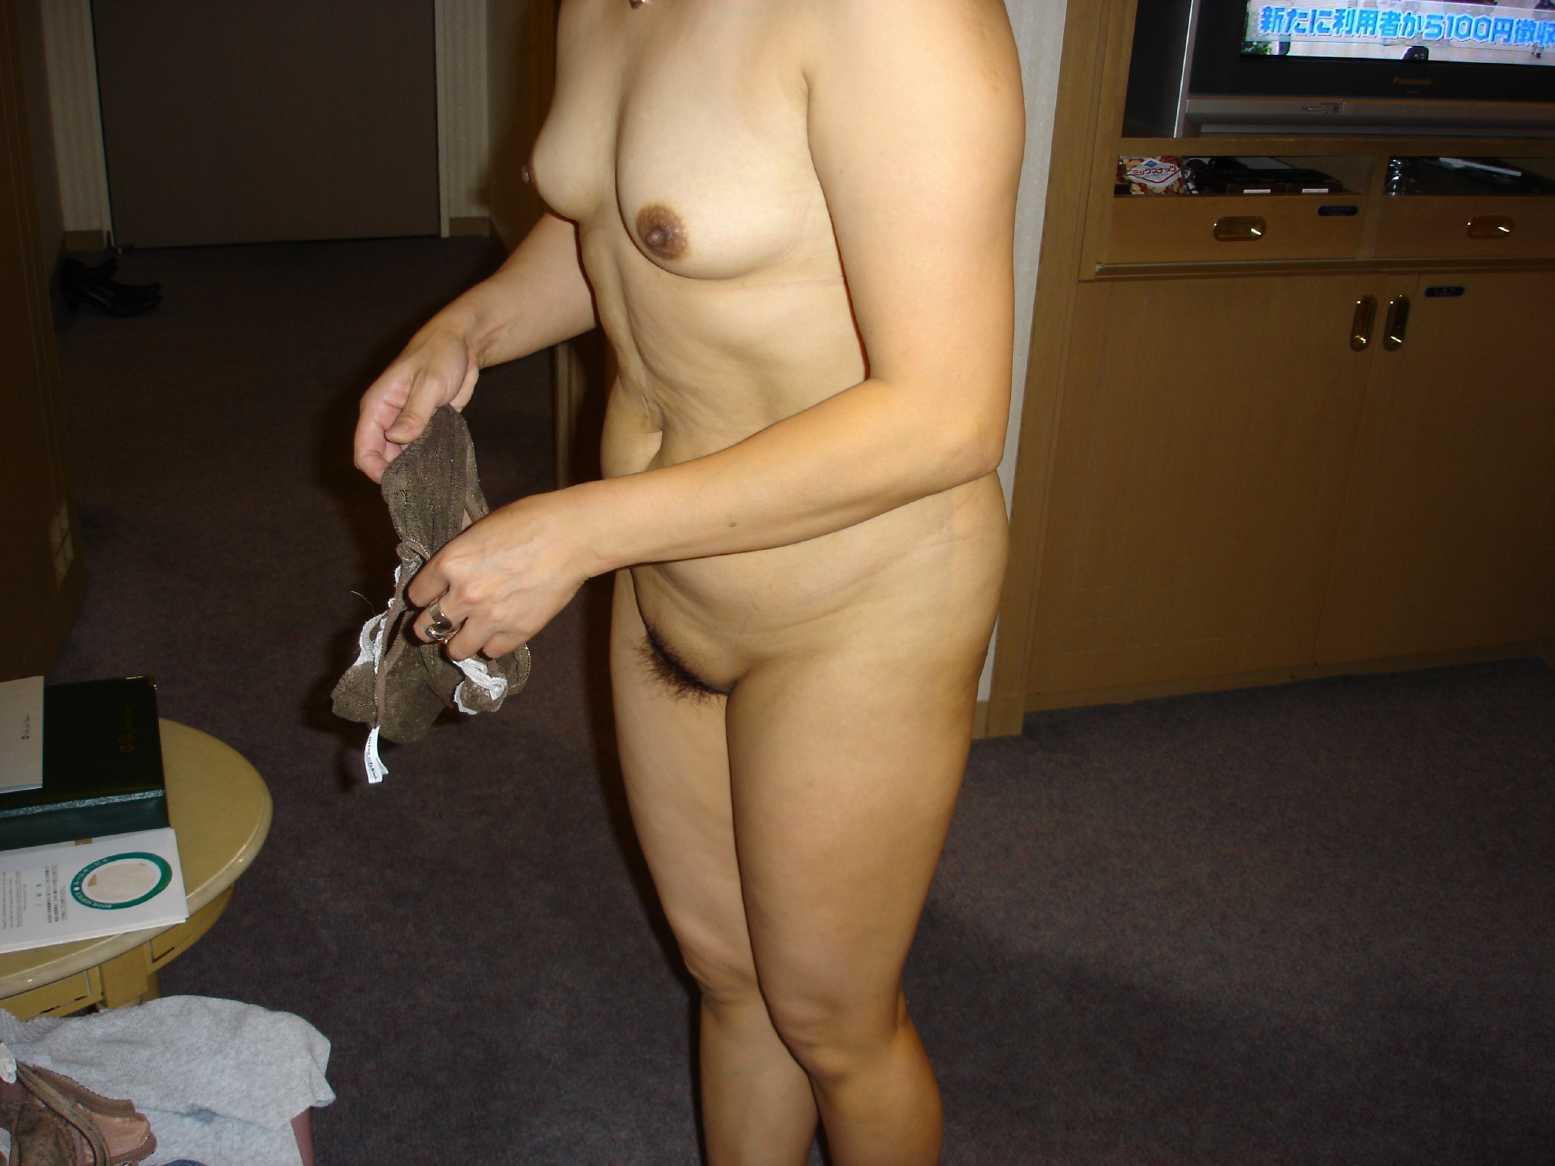 セックス,熟女,人妻,事後,エロ画像,生々しい【26】